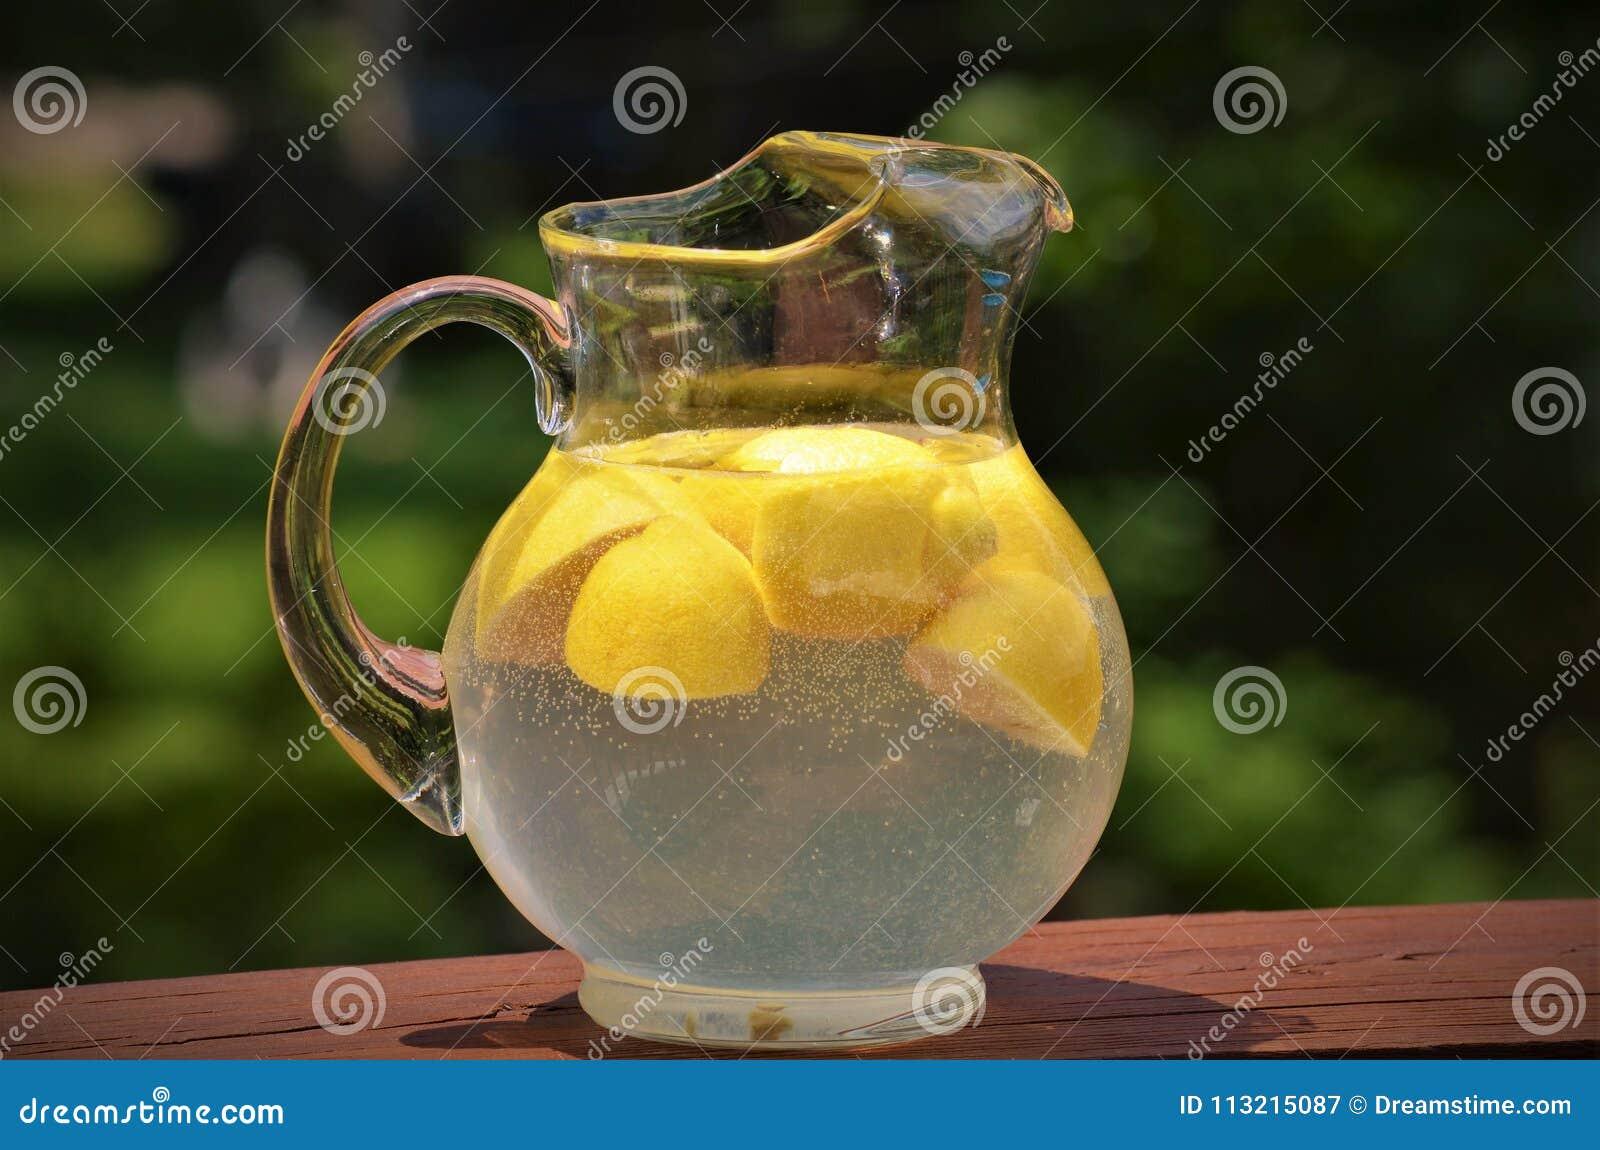 Staromodny miotacz lemoniada